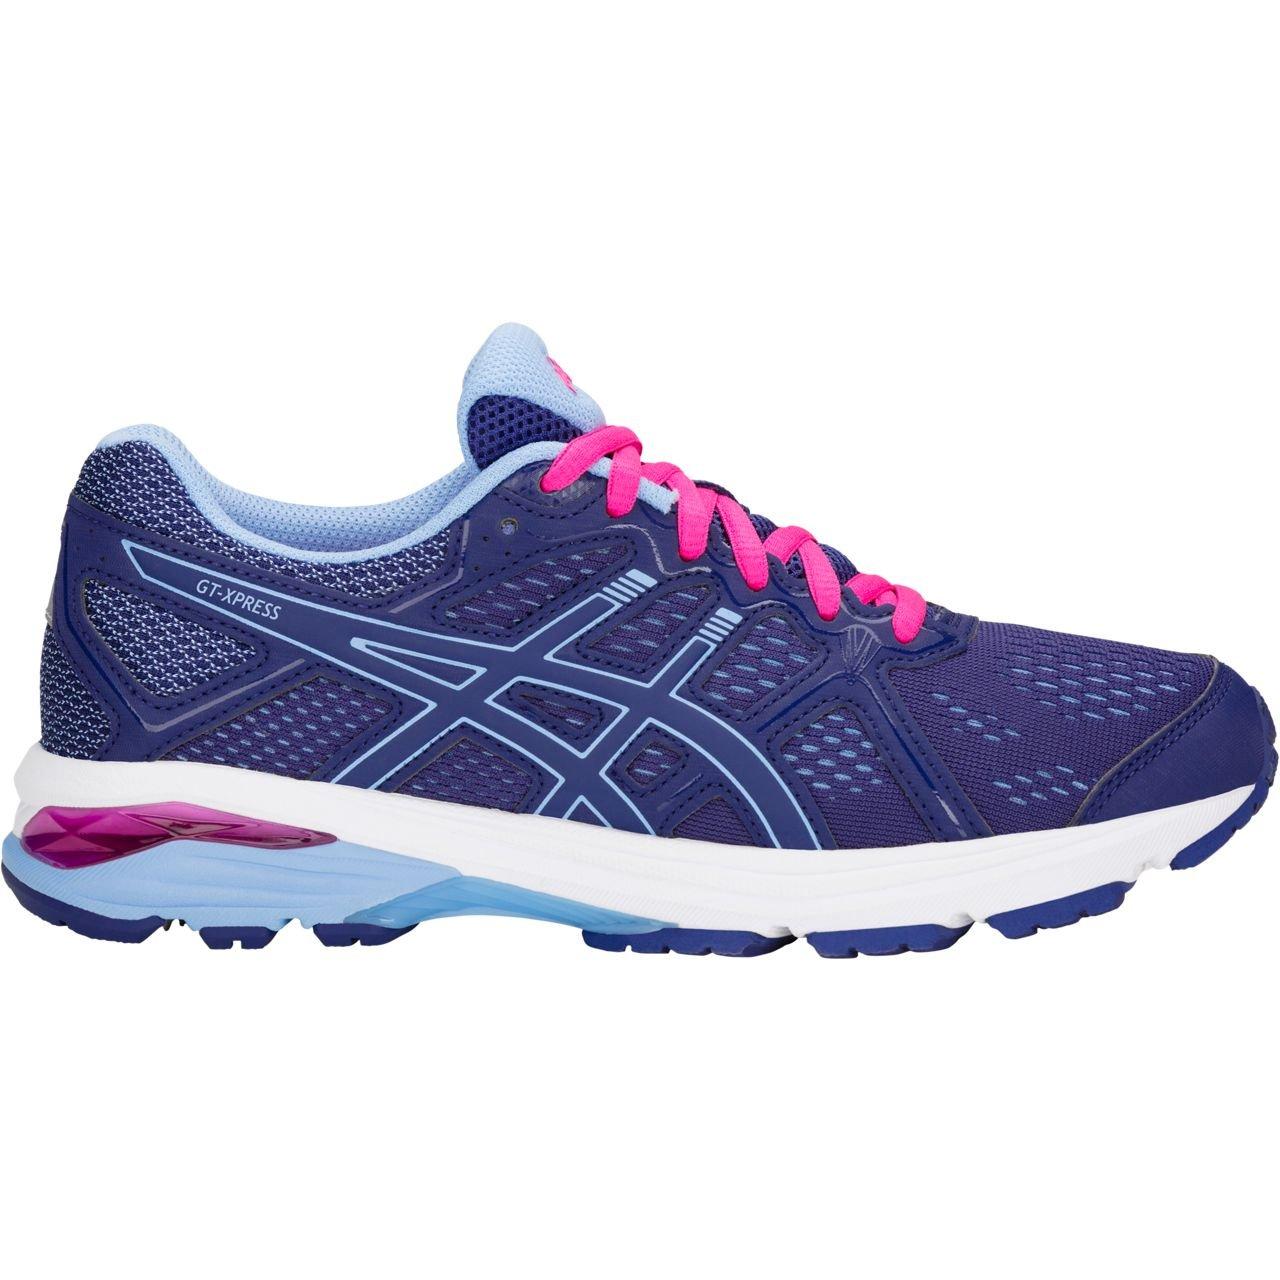 ASICS Women's GT-Xpress Running Shoe B077NGY9RD 6 B(M) US|Blue Print/Blue Bell